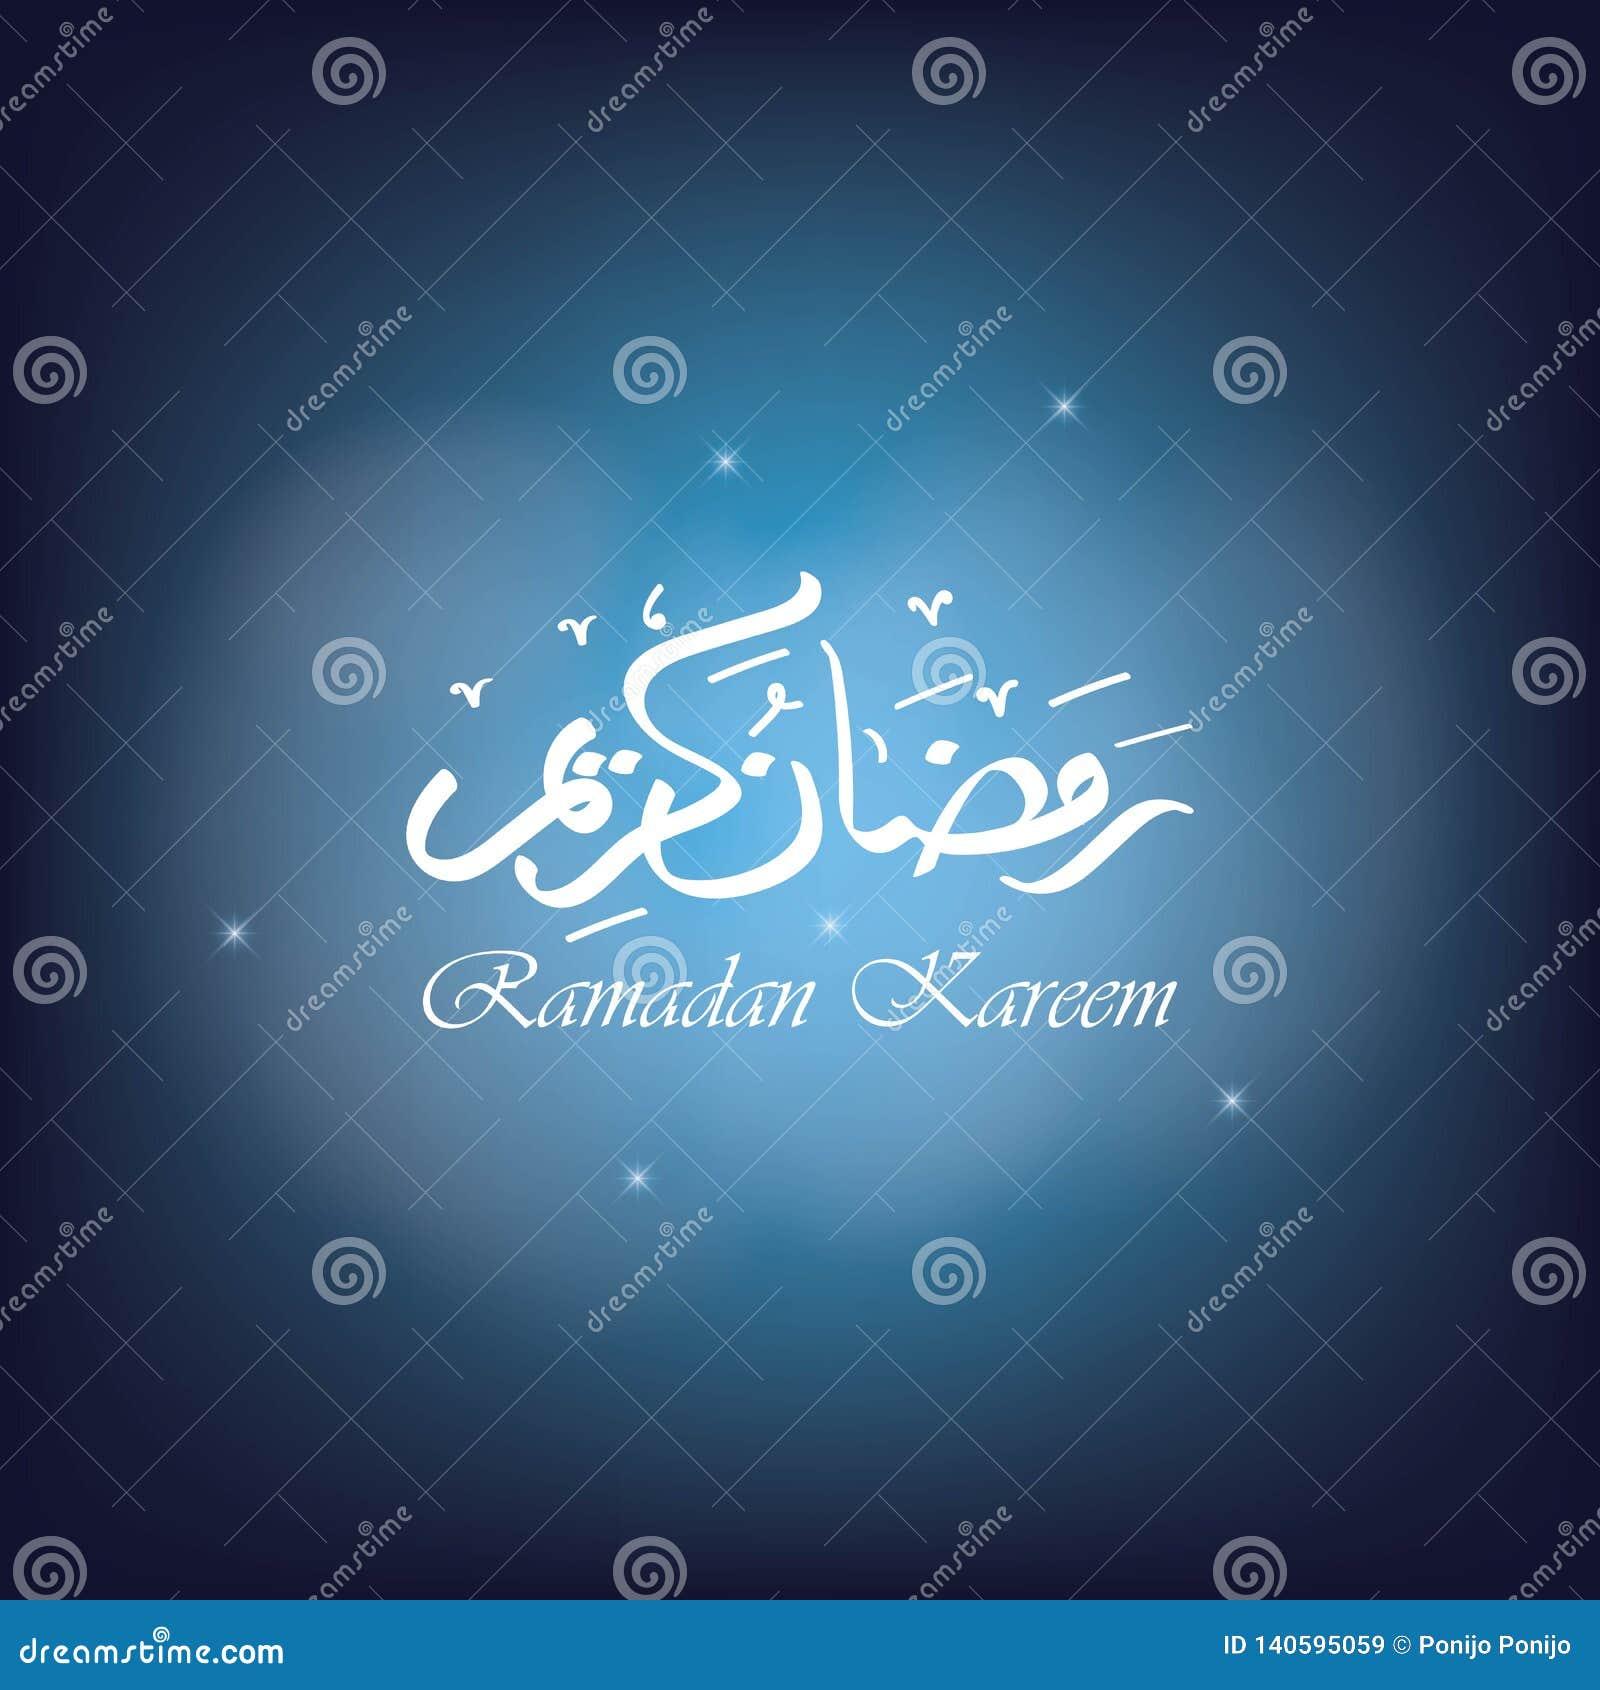 Χαιρετισμός Ramadan kareem στο ανοιχτό μπλε ουρανού Ιερός μήνας του μουσουλμανικού έτους